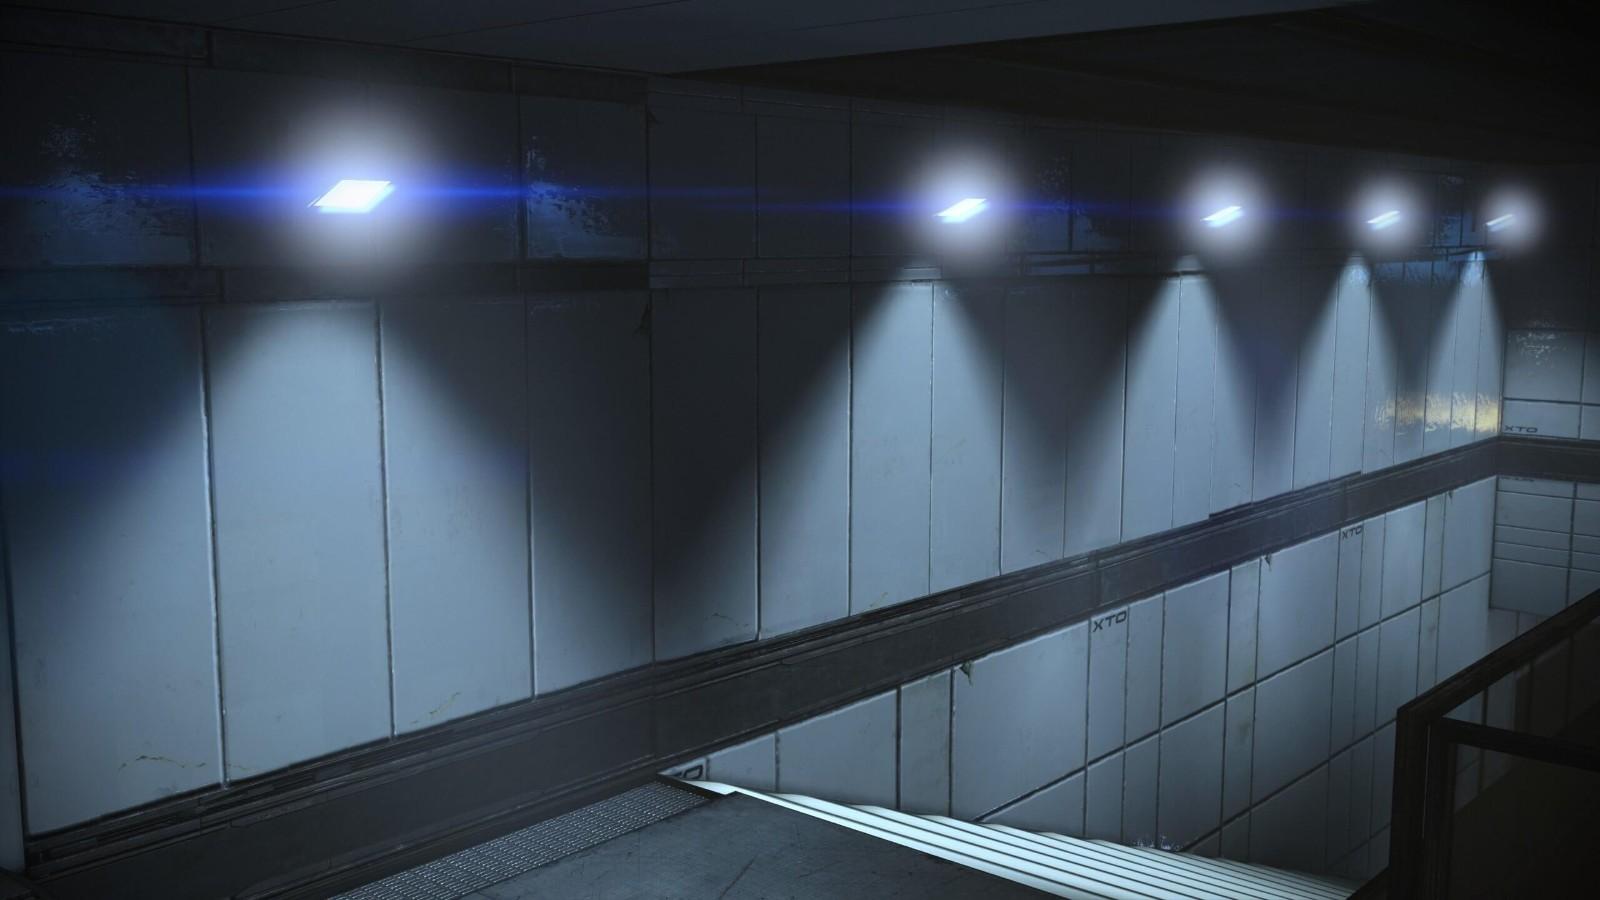 《质量效应:传奇版》最好的画质MOD发布 截图对比  第9张